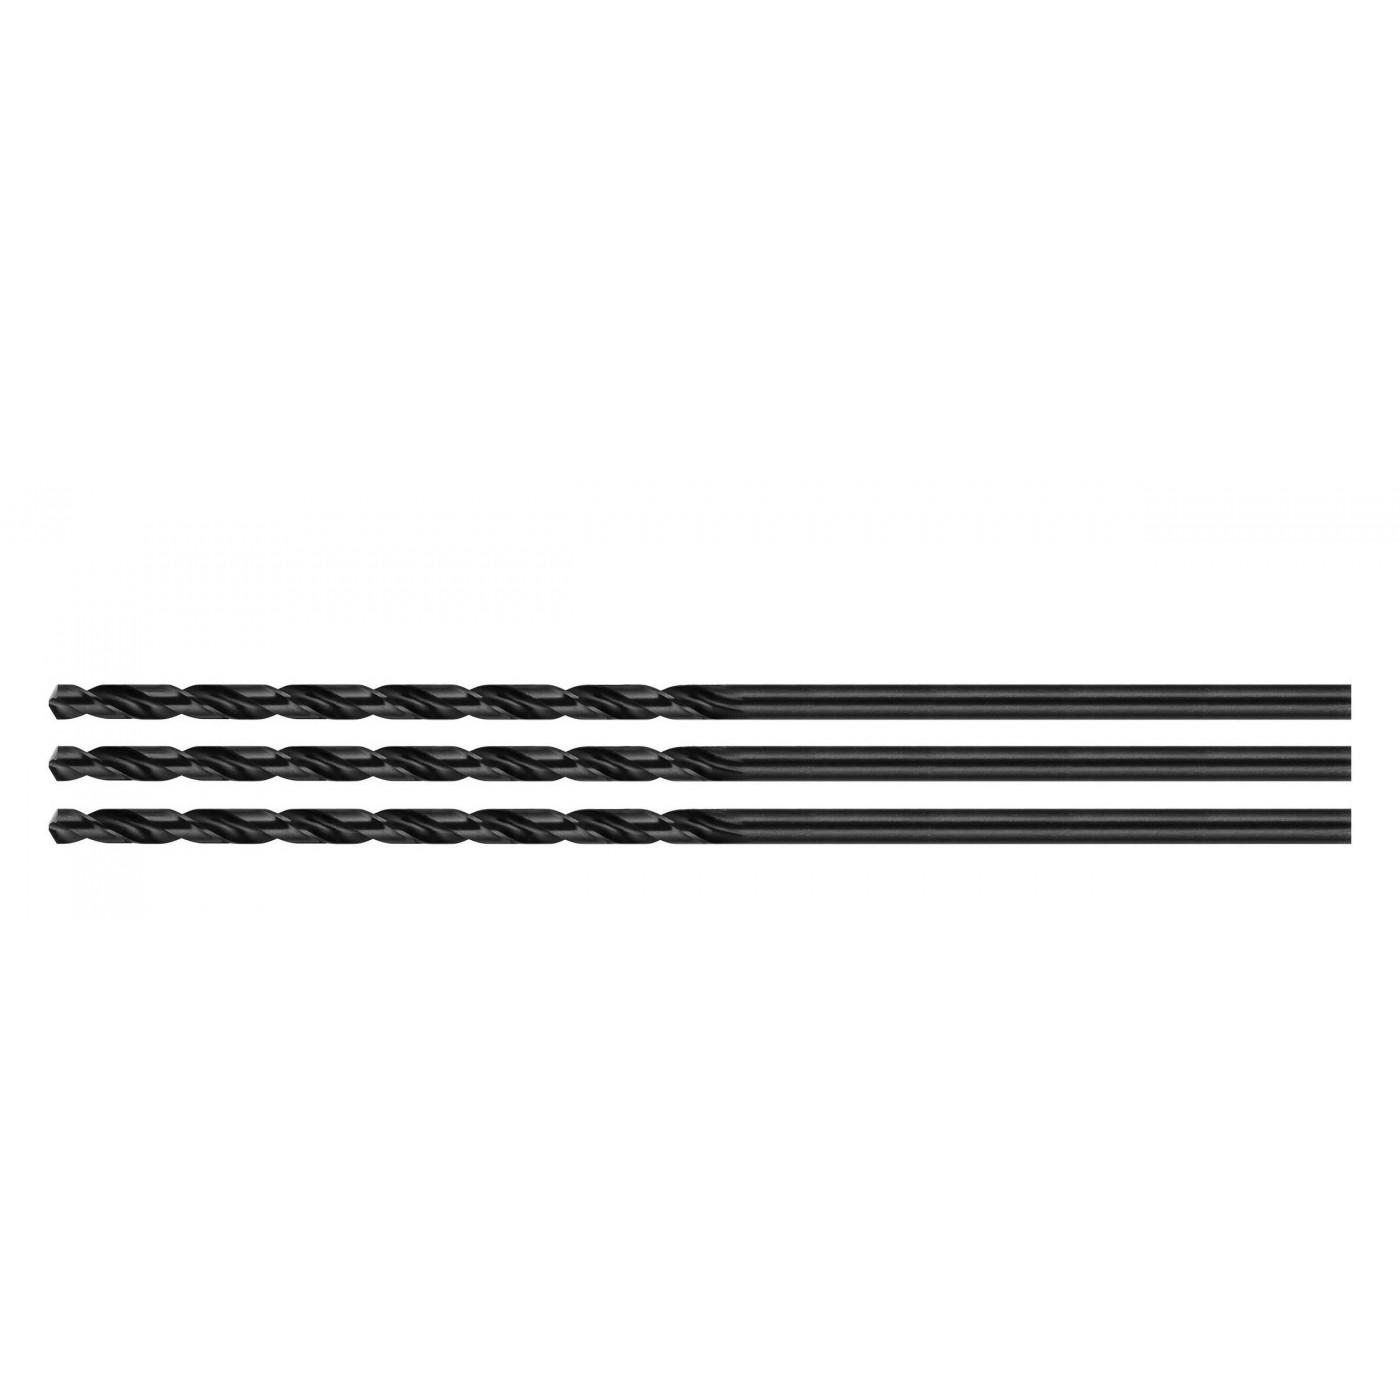 Conjunto de 3 brocas de metal, extra-longas (6,0x350 mm)  - 1